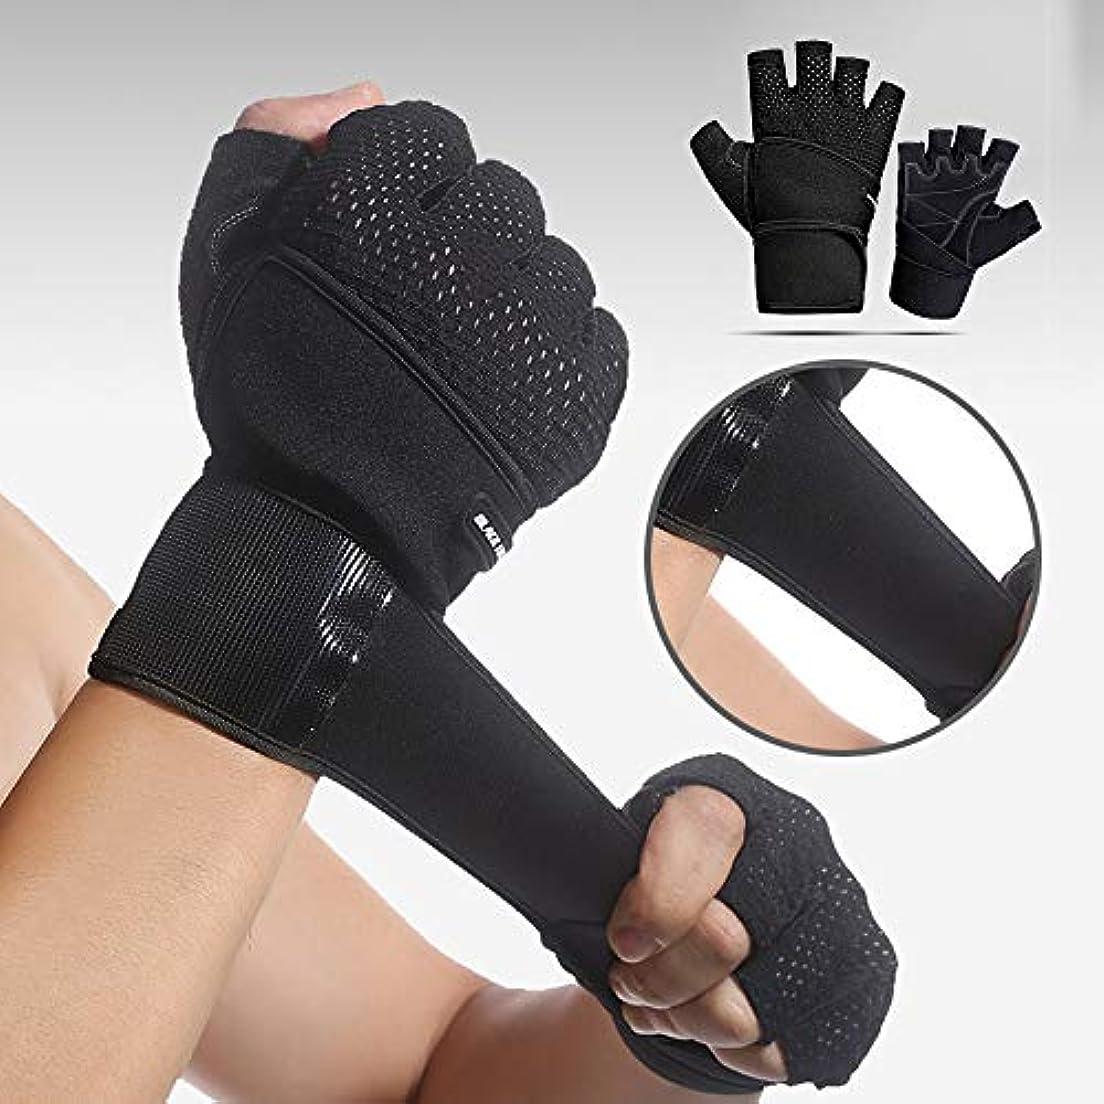 危機紫の従事した関節炎手袋、圧縮関節炎グローブアウトドアスポーツフィットネスグローブサイクリングトレーニング通気性ブレーサー、圧縮、ハーフフィンガーグローブ